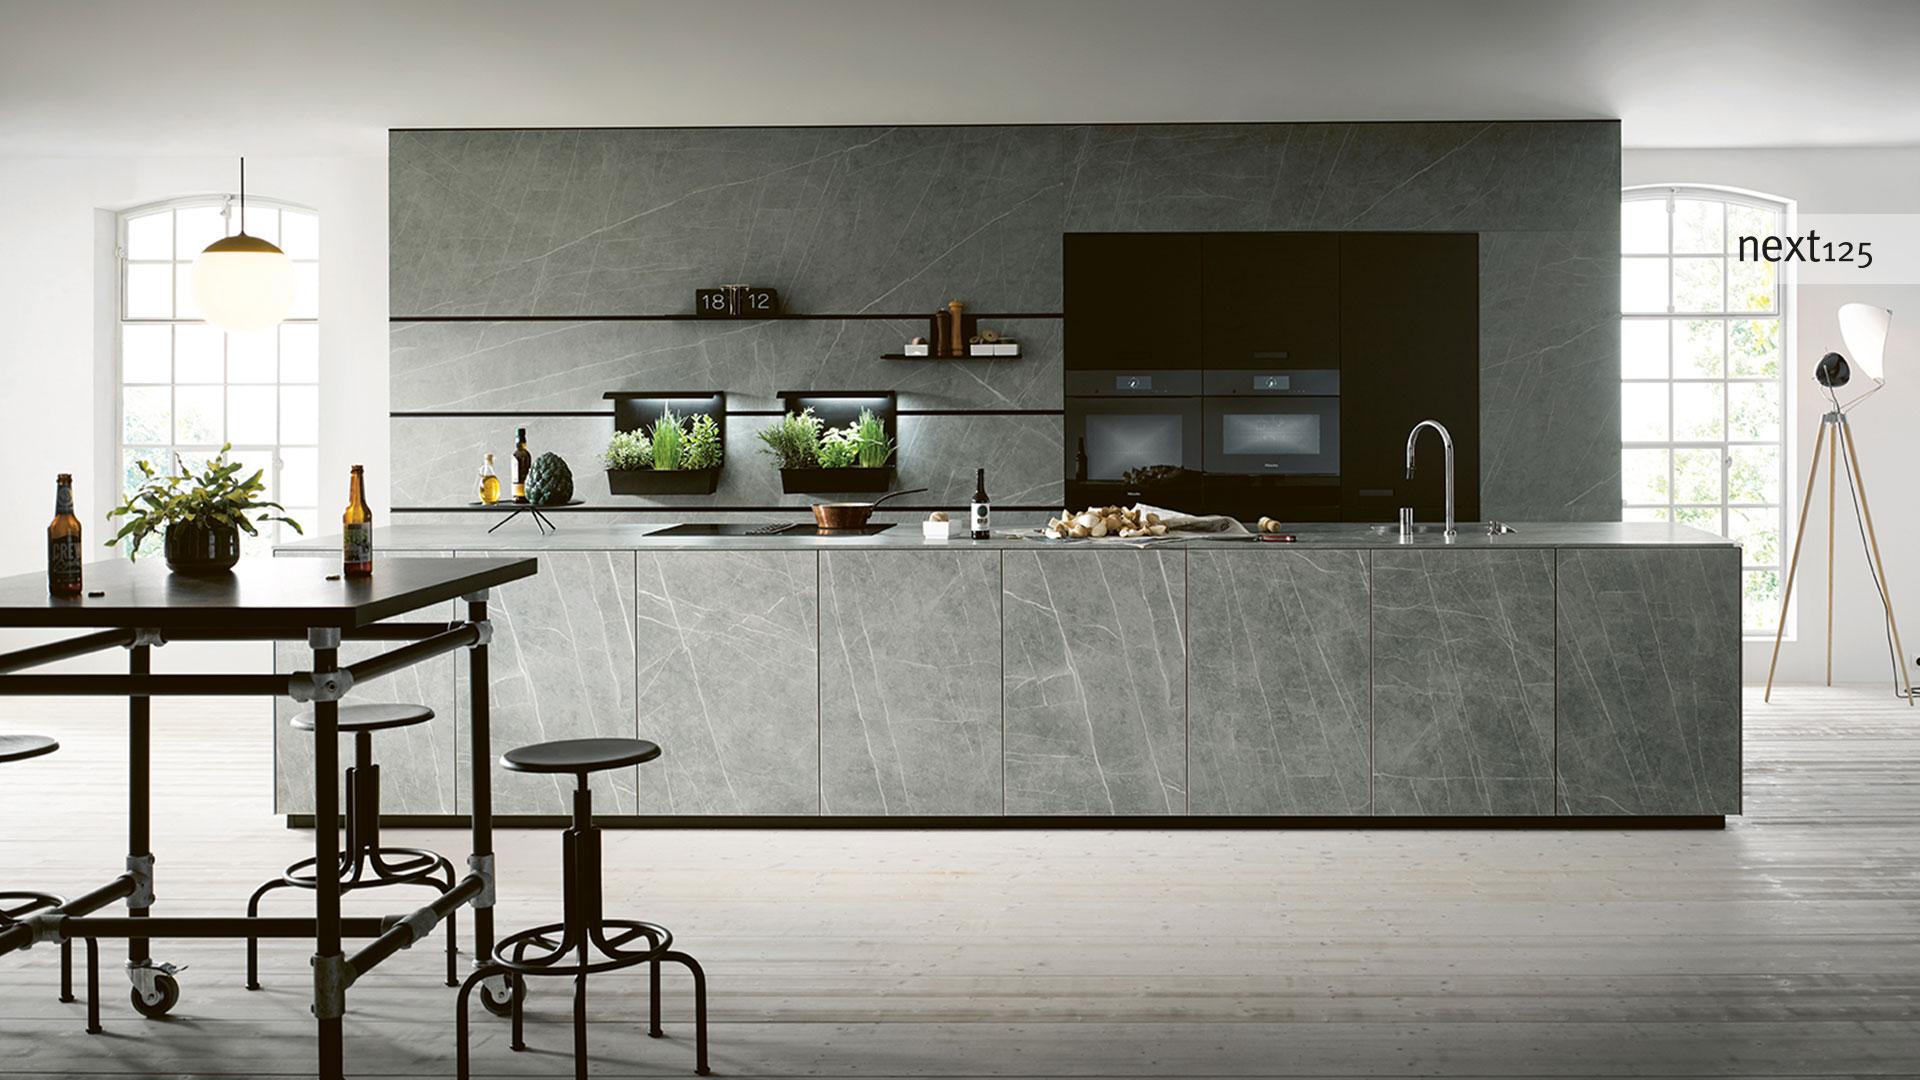 next125 Küche in Wien bei Miele Center Pellet | Ceramic Marmor grigio Nachbildung / Glas matt onyxschwarz